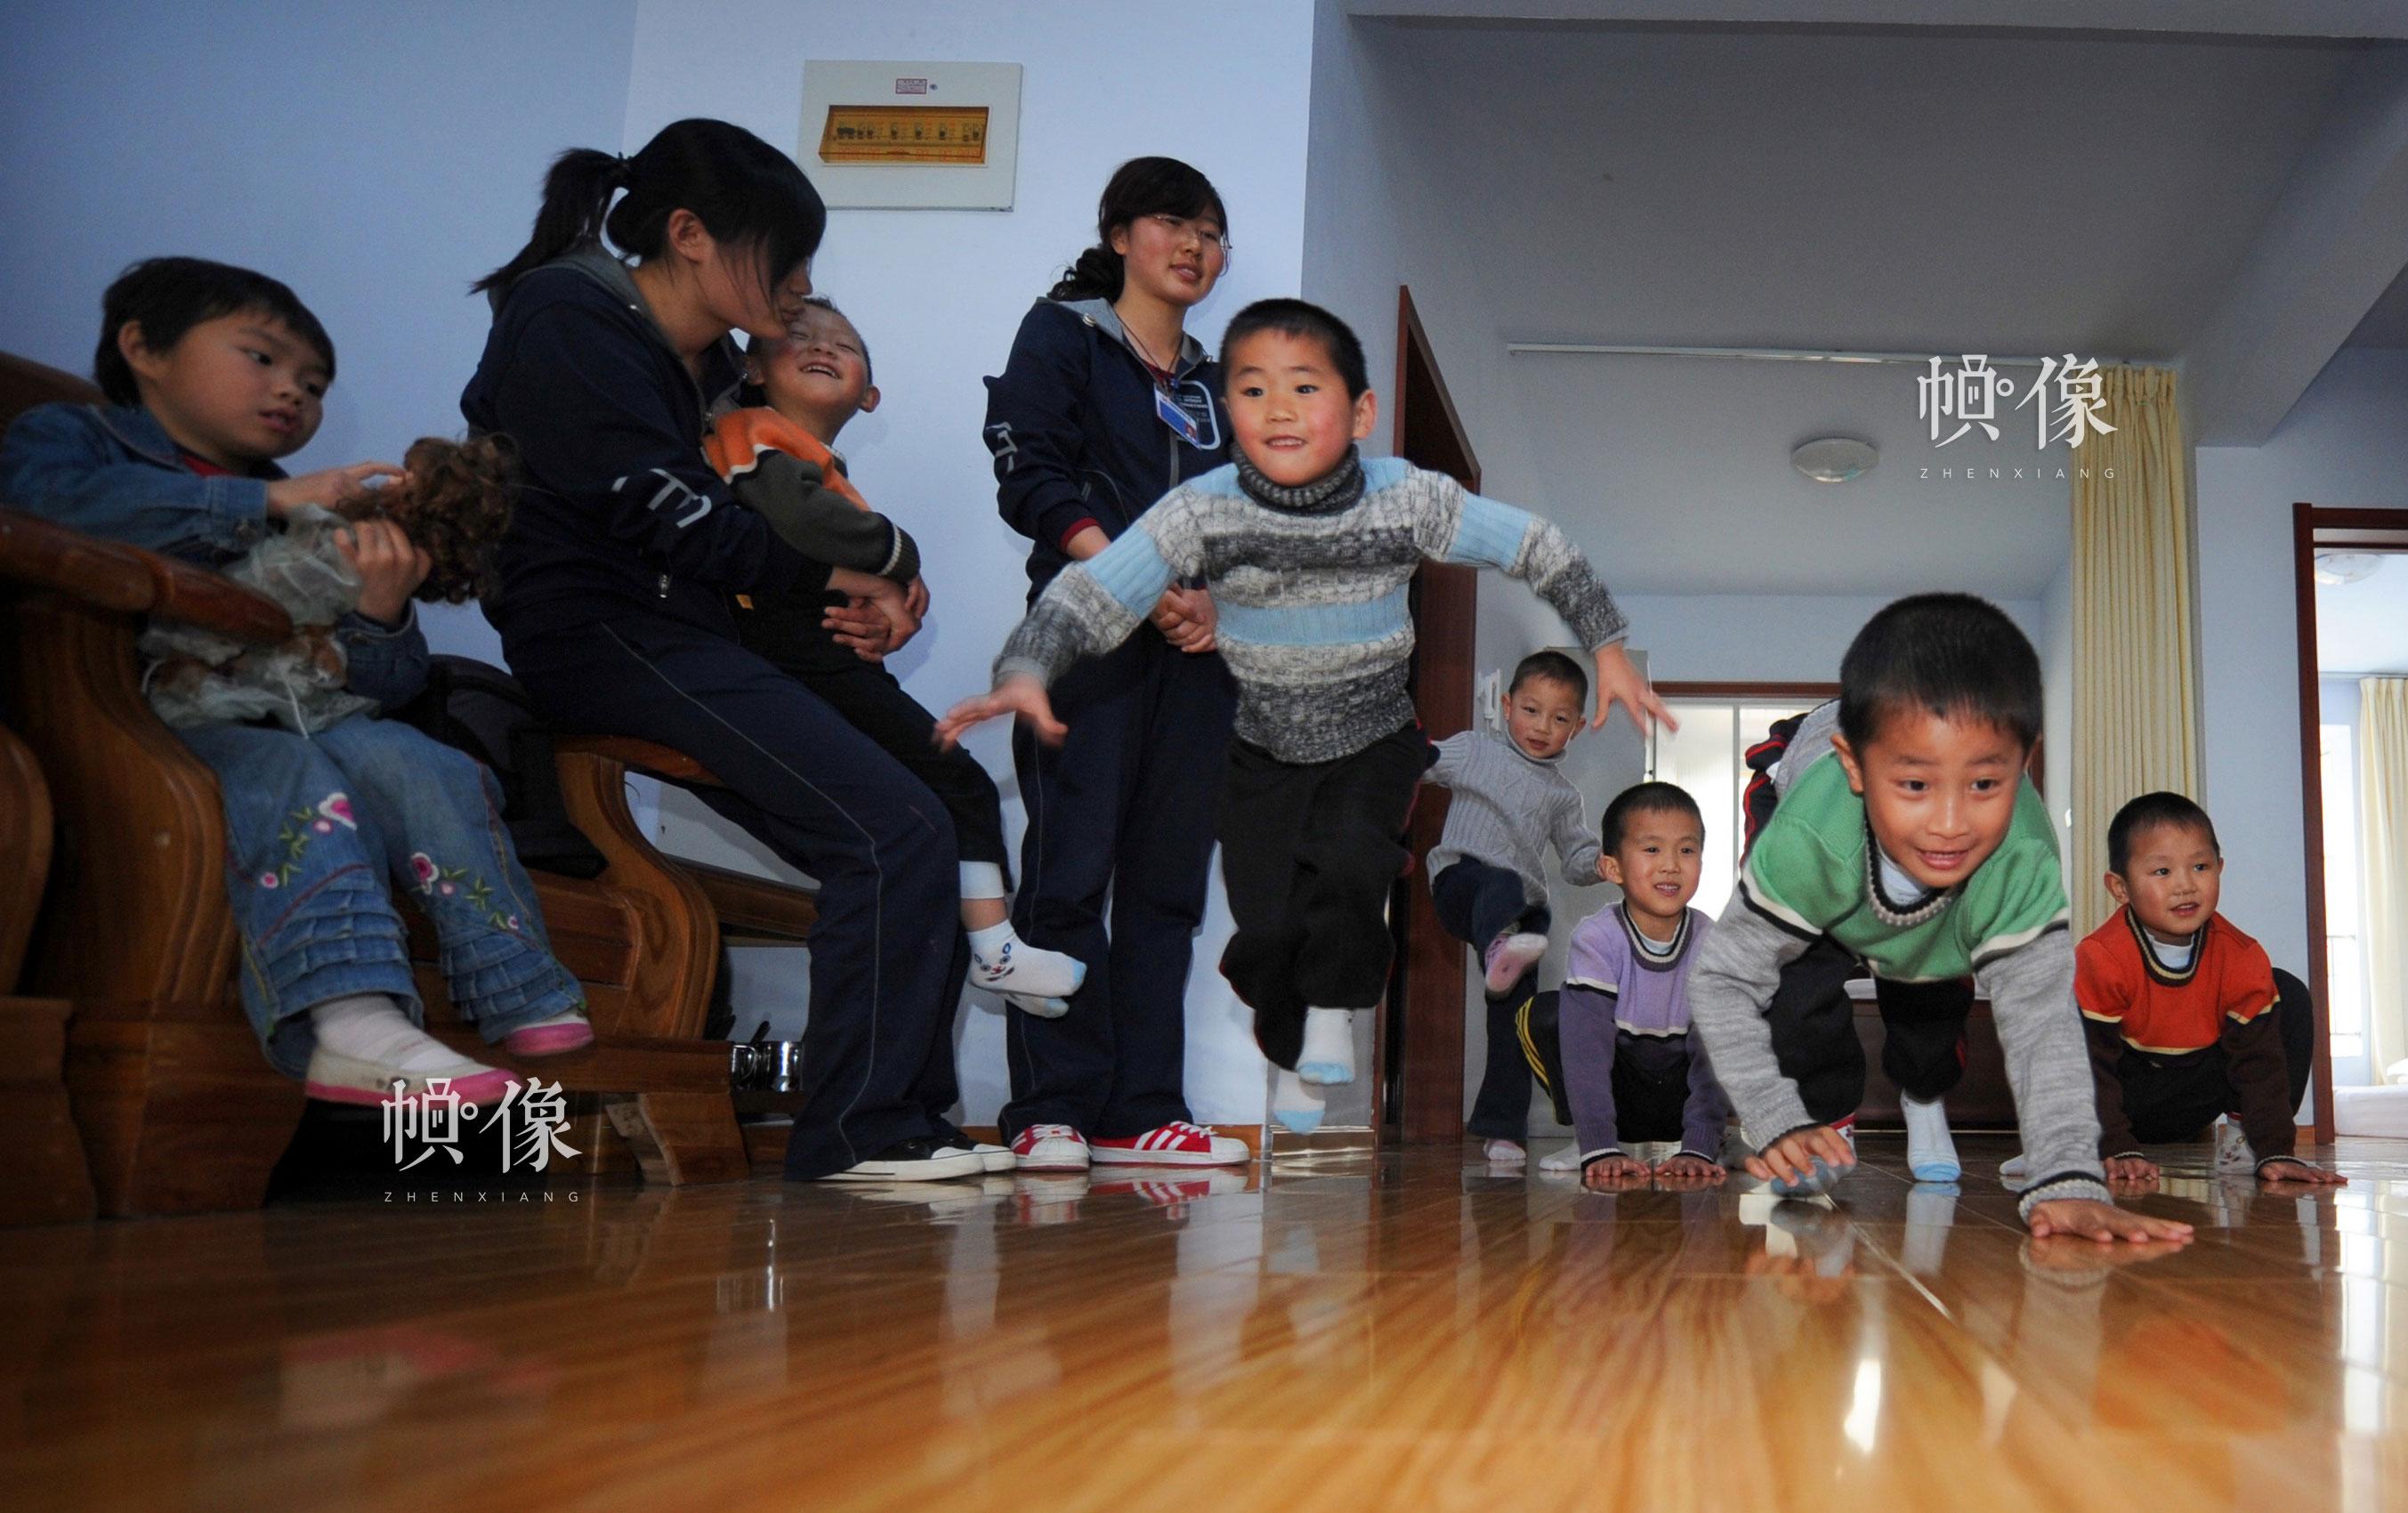 """2009年4月,山东日照安康家园,""""安康妈妈""""李向南(站立者)带着孩子们一起做游戏。雷声 摄"""